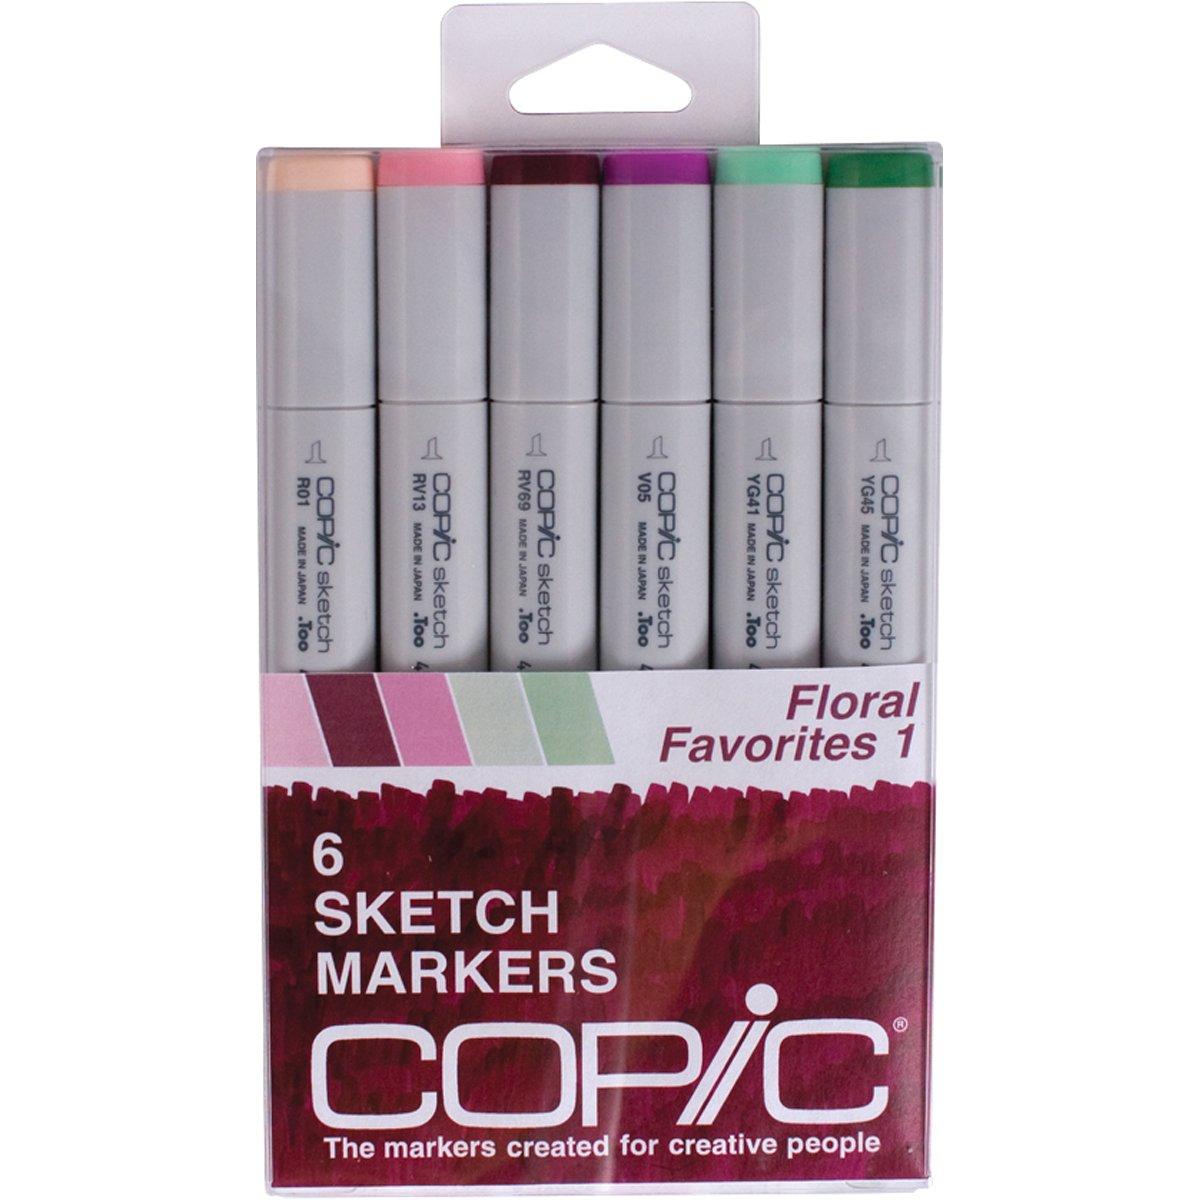 Copic Sketch Marker fibrones de colores set de 6